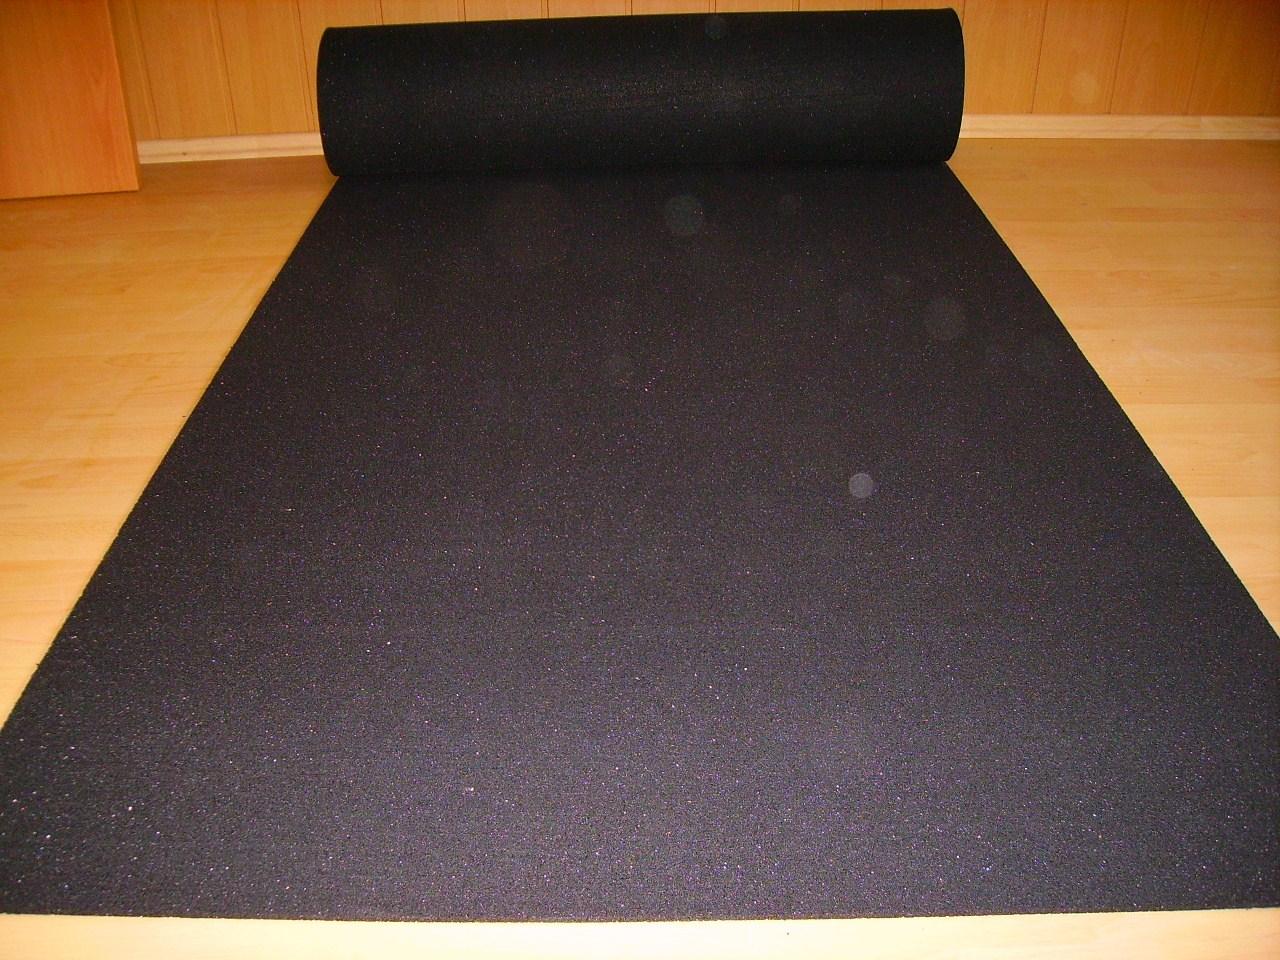 gummi trittschalld mmung schallisolierung 5mm rgs shop. Black Bedroom Furniture Sets. Home Design Ideas